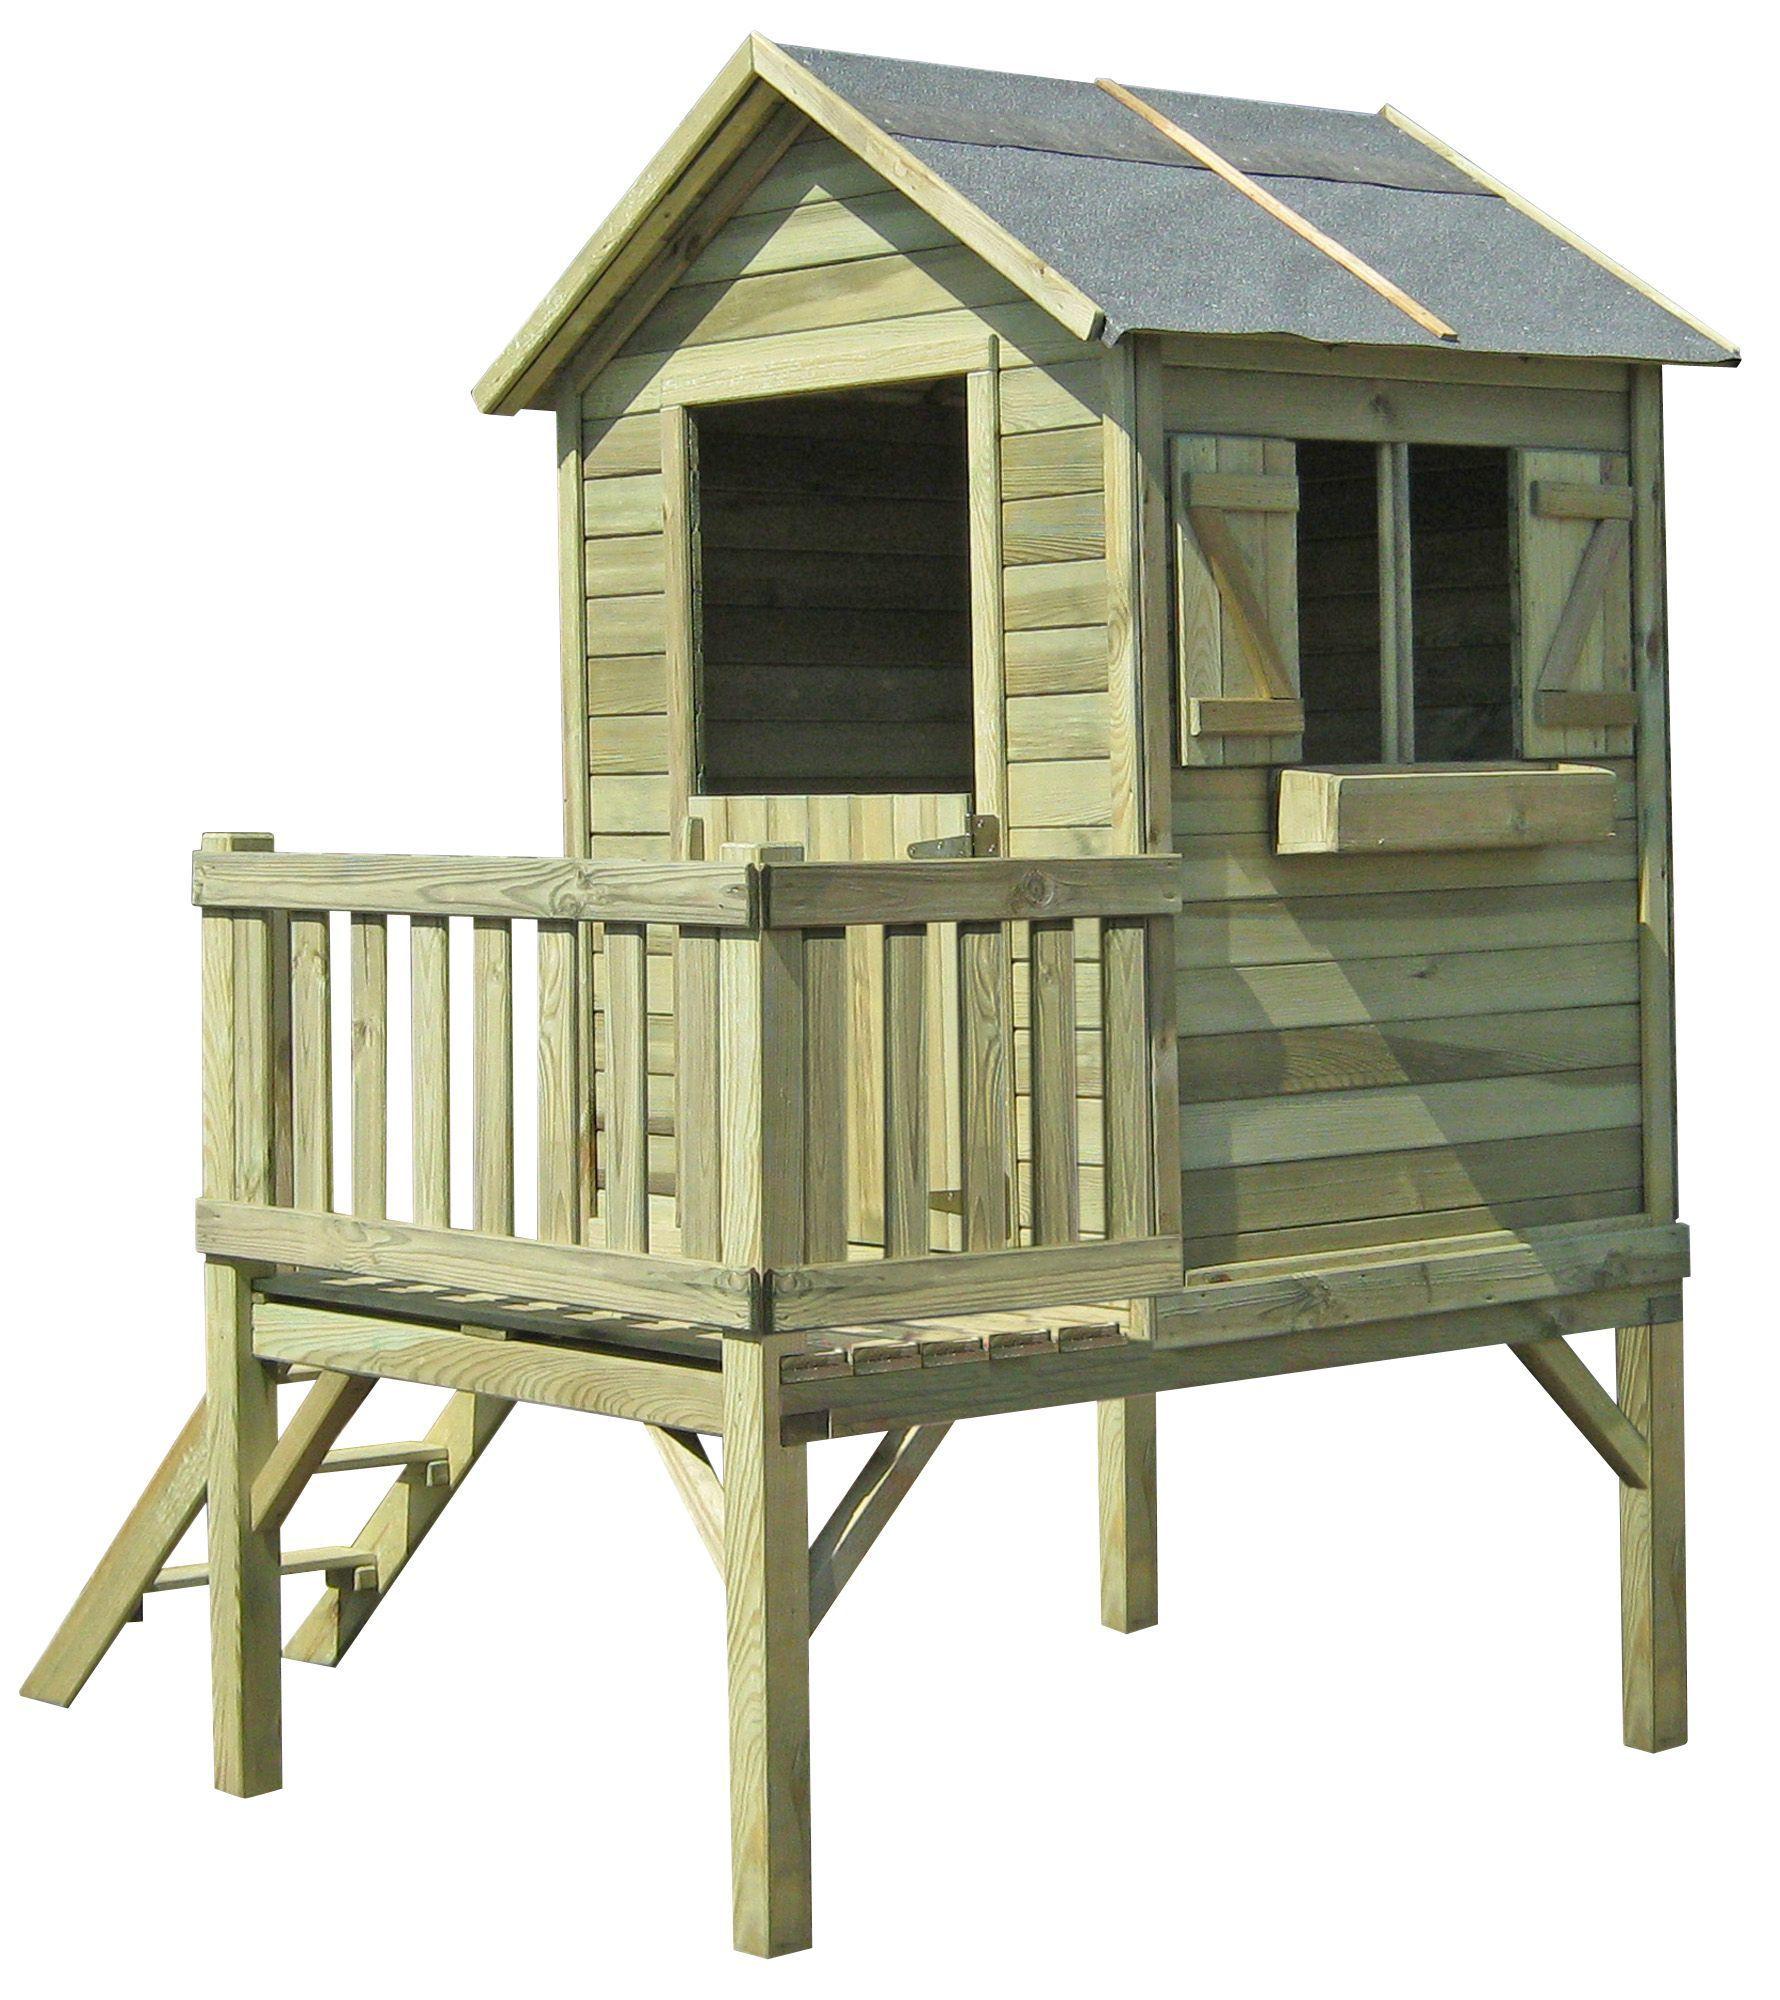 Cabane Enfant : Modèles Pour Le Jardin | Maisonnette En Bois ... encequiconcerne Maisonnette De Jardin Pas Cher